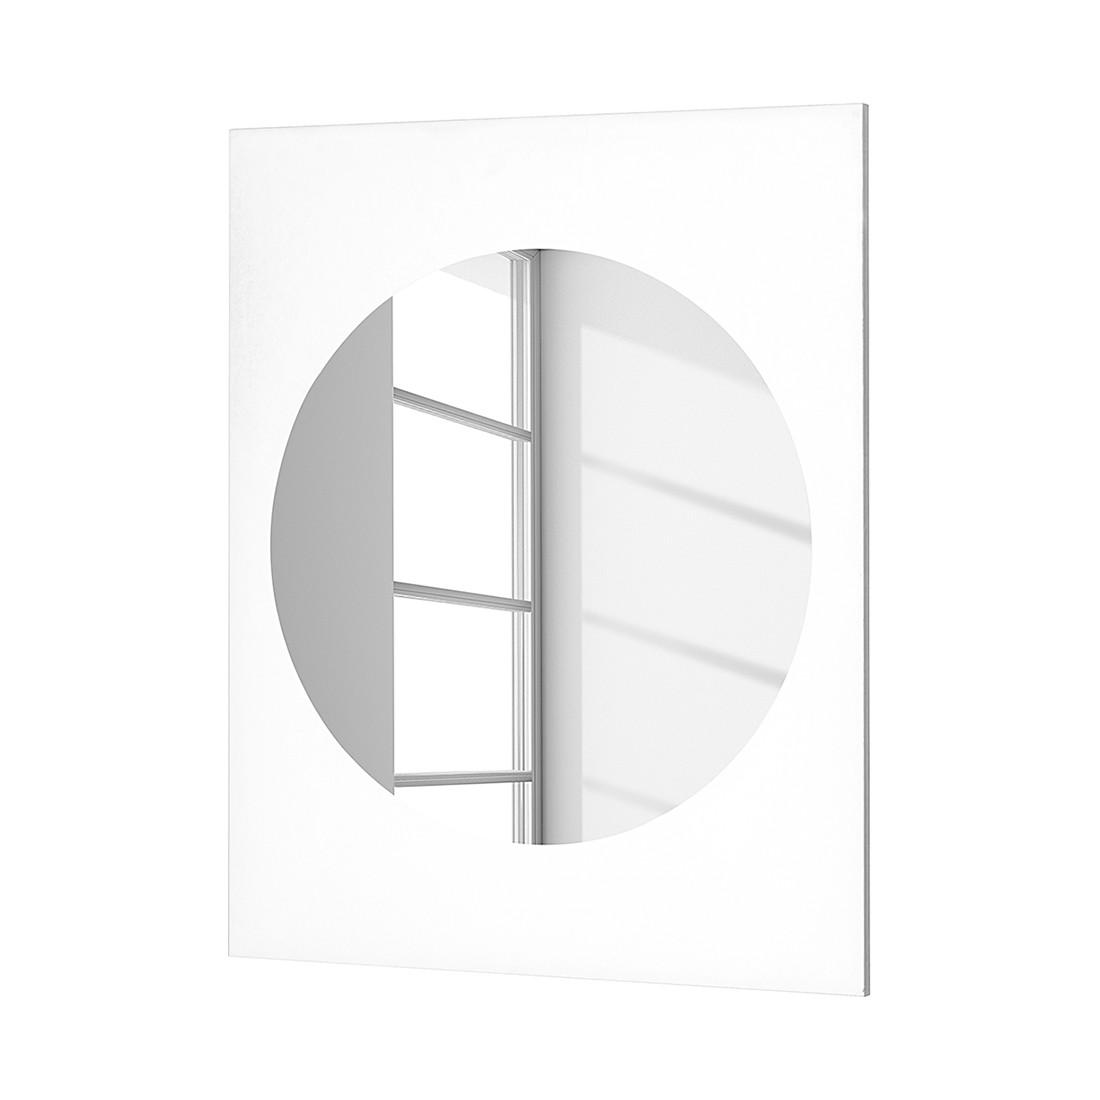 Wandspiegel Oswego – Weiß, Giessbach günstig kaufen